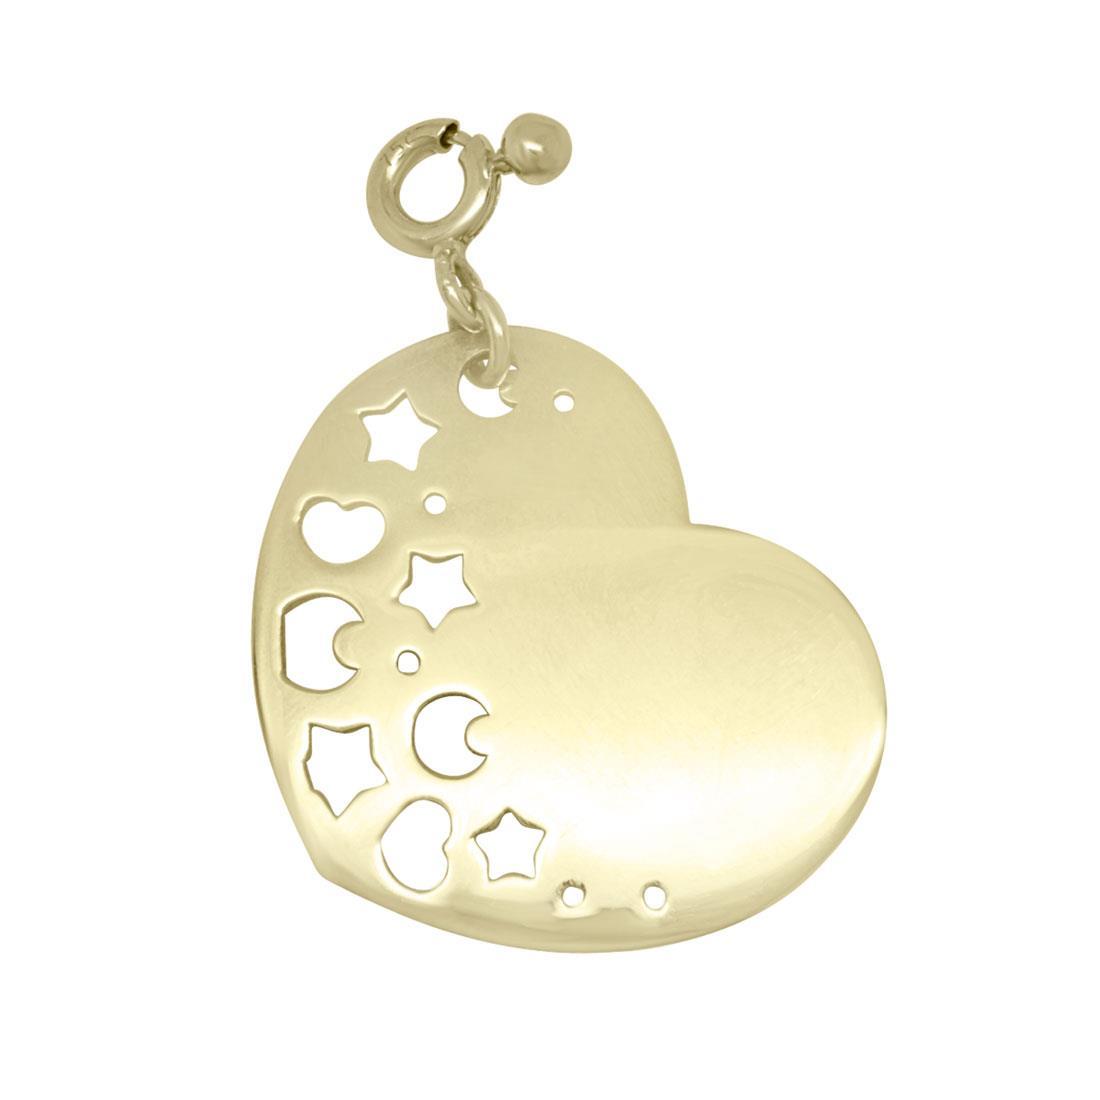 Ciondolo in oro giallo cuore - PASQUALE BRUNI